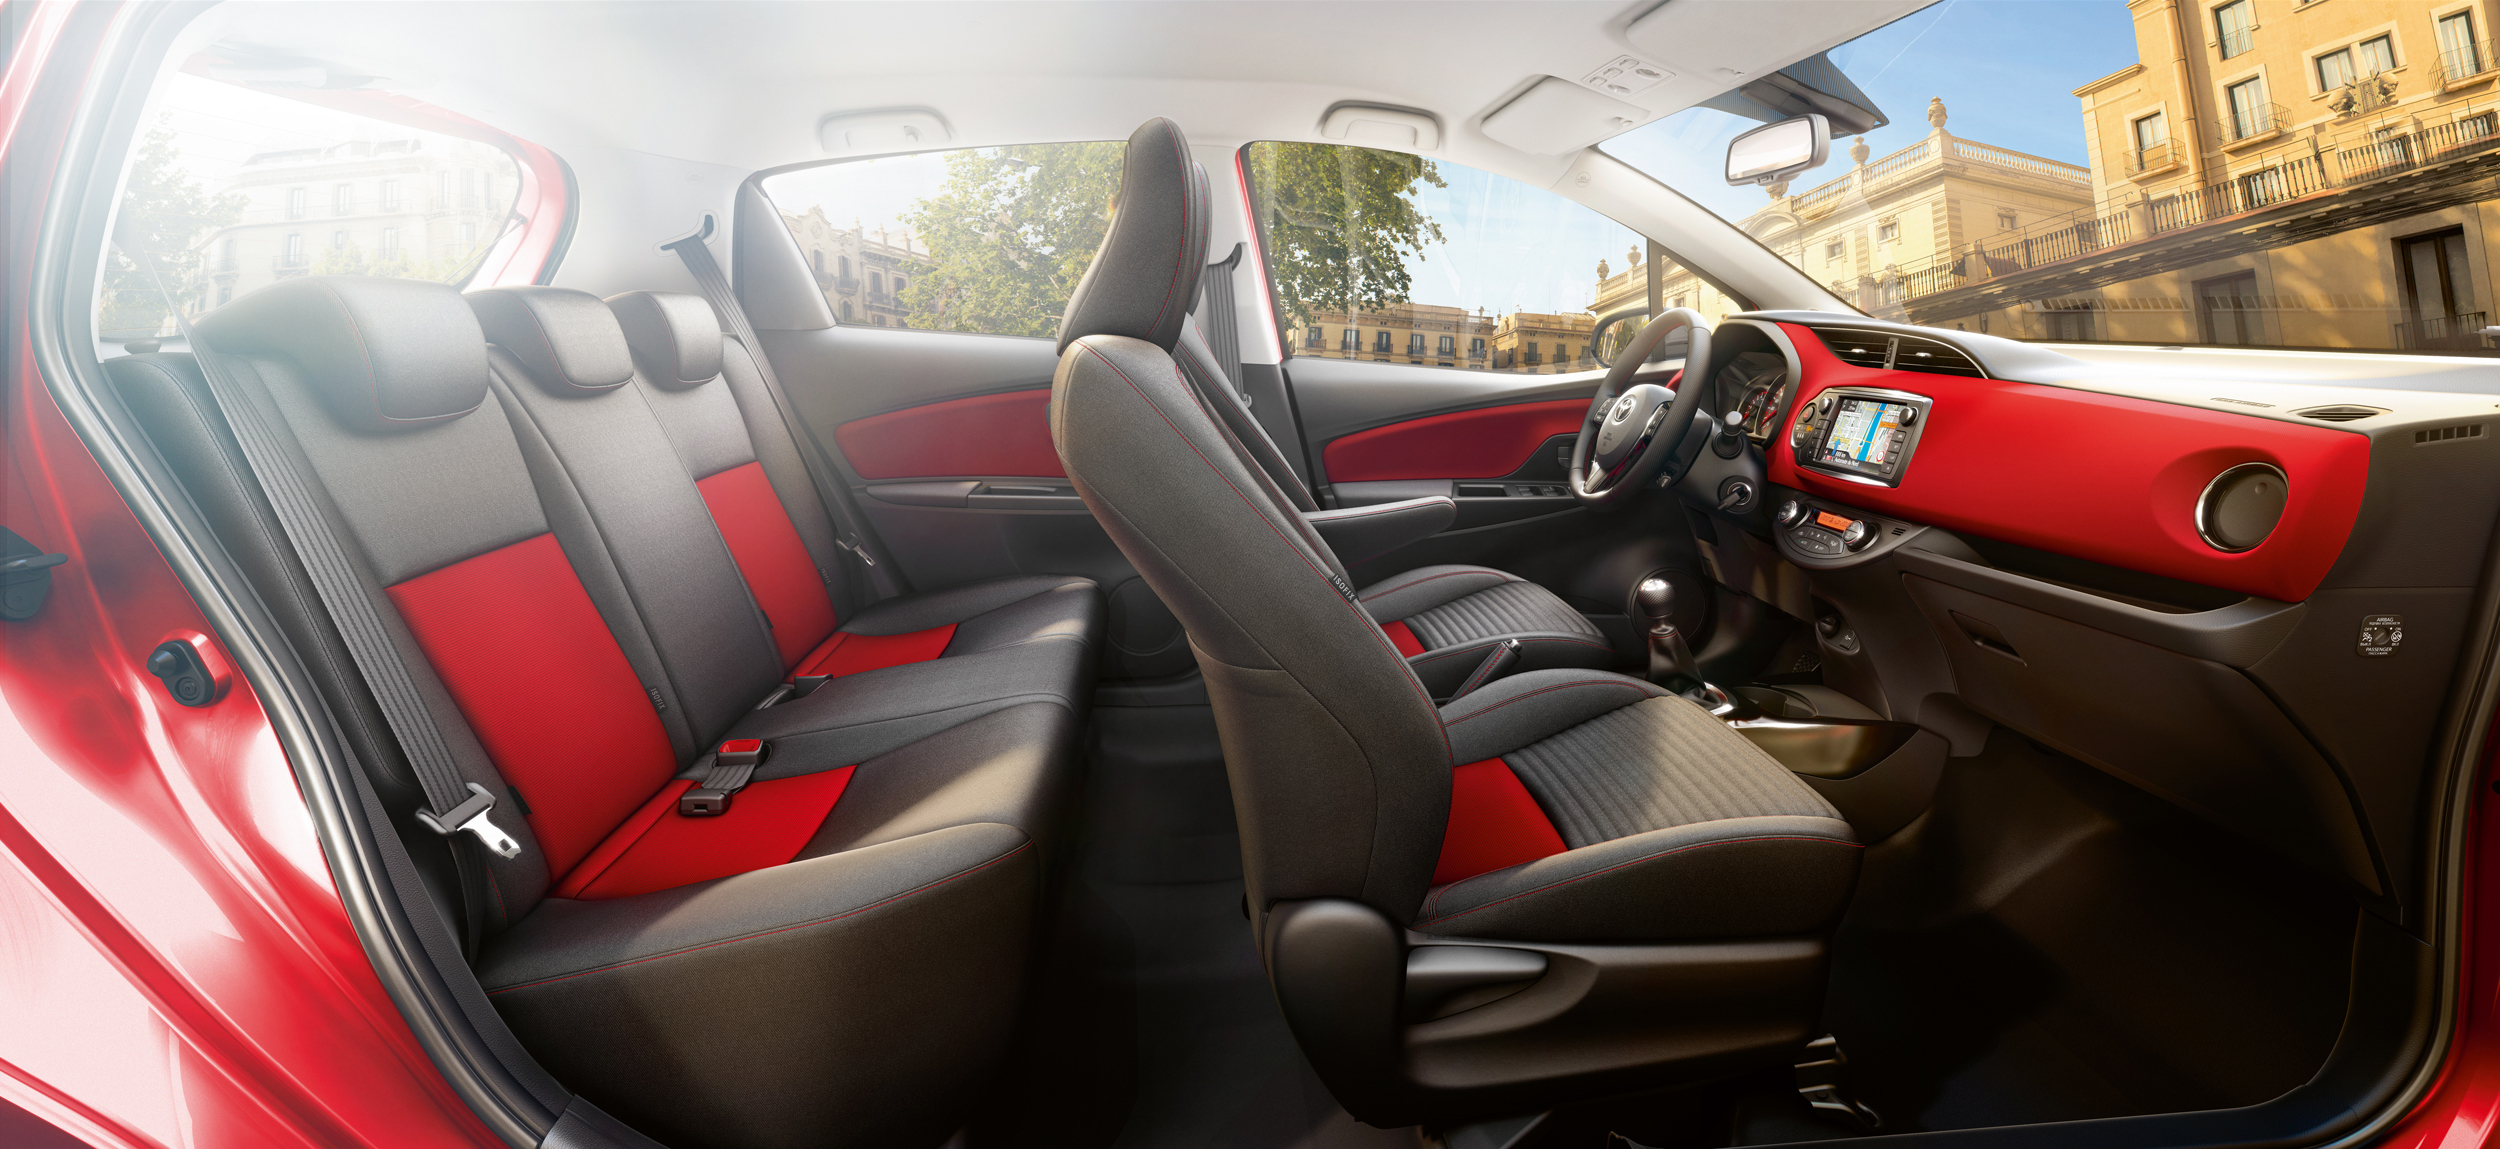 Toyota op maat nu ook beschikbaar voor nieuwe yaris for Interieur yaris 2015